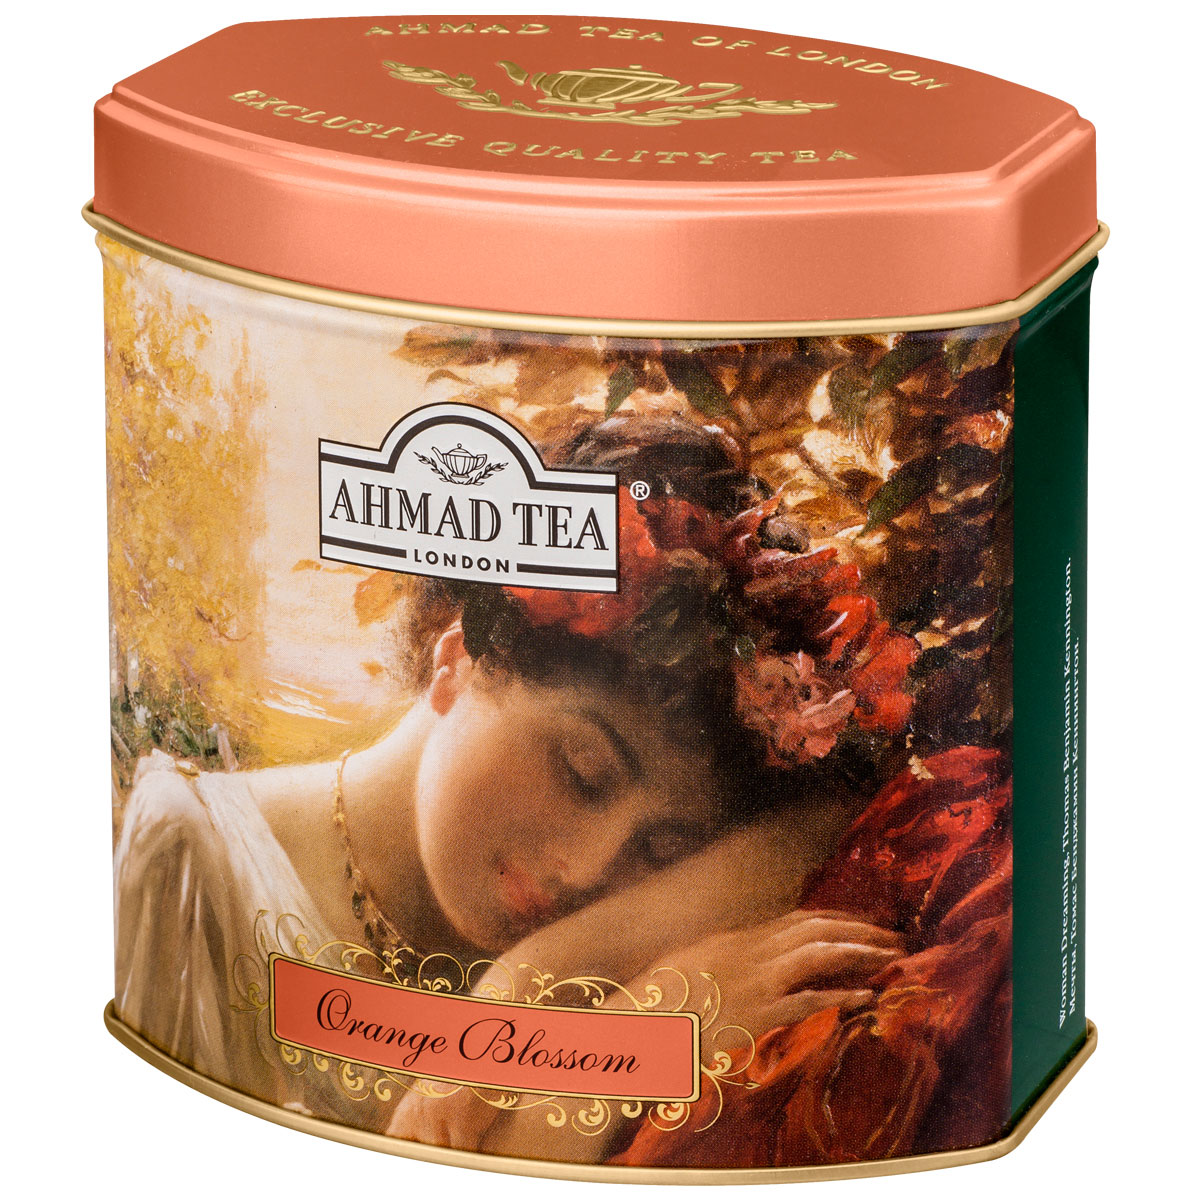 Ahmad Tea Orange Blossom черный чай, 100 г (жестяная банка)1172В европейской традиции цветок апельсина считается символом любви. В честь него назвали букет невесты - флердоранж. Моду на них и на белые свадебные платья ввела английская королева Виктория в 19 в. И также чуть заметная сластинка и тонкий аромат солнечного фрукта составляют особенный легкий букет чая Ahmad Orange Blossom.Заваривать 5-7 минут, температура воды 100°С.Уважаемые клиенты! Обращаем ваше внимание на то, что упаковка может иметь несколько видов дизайна. Поставка осуществляется в зависимости от наличия на складе.Всё о чае: сорта, факты, советы по выбору и употреблению. Статья OZON Гид